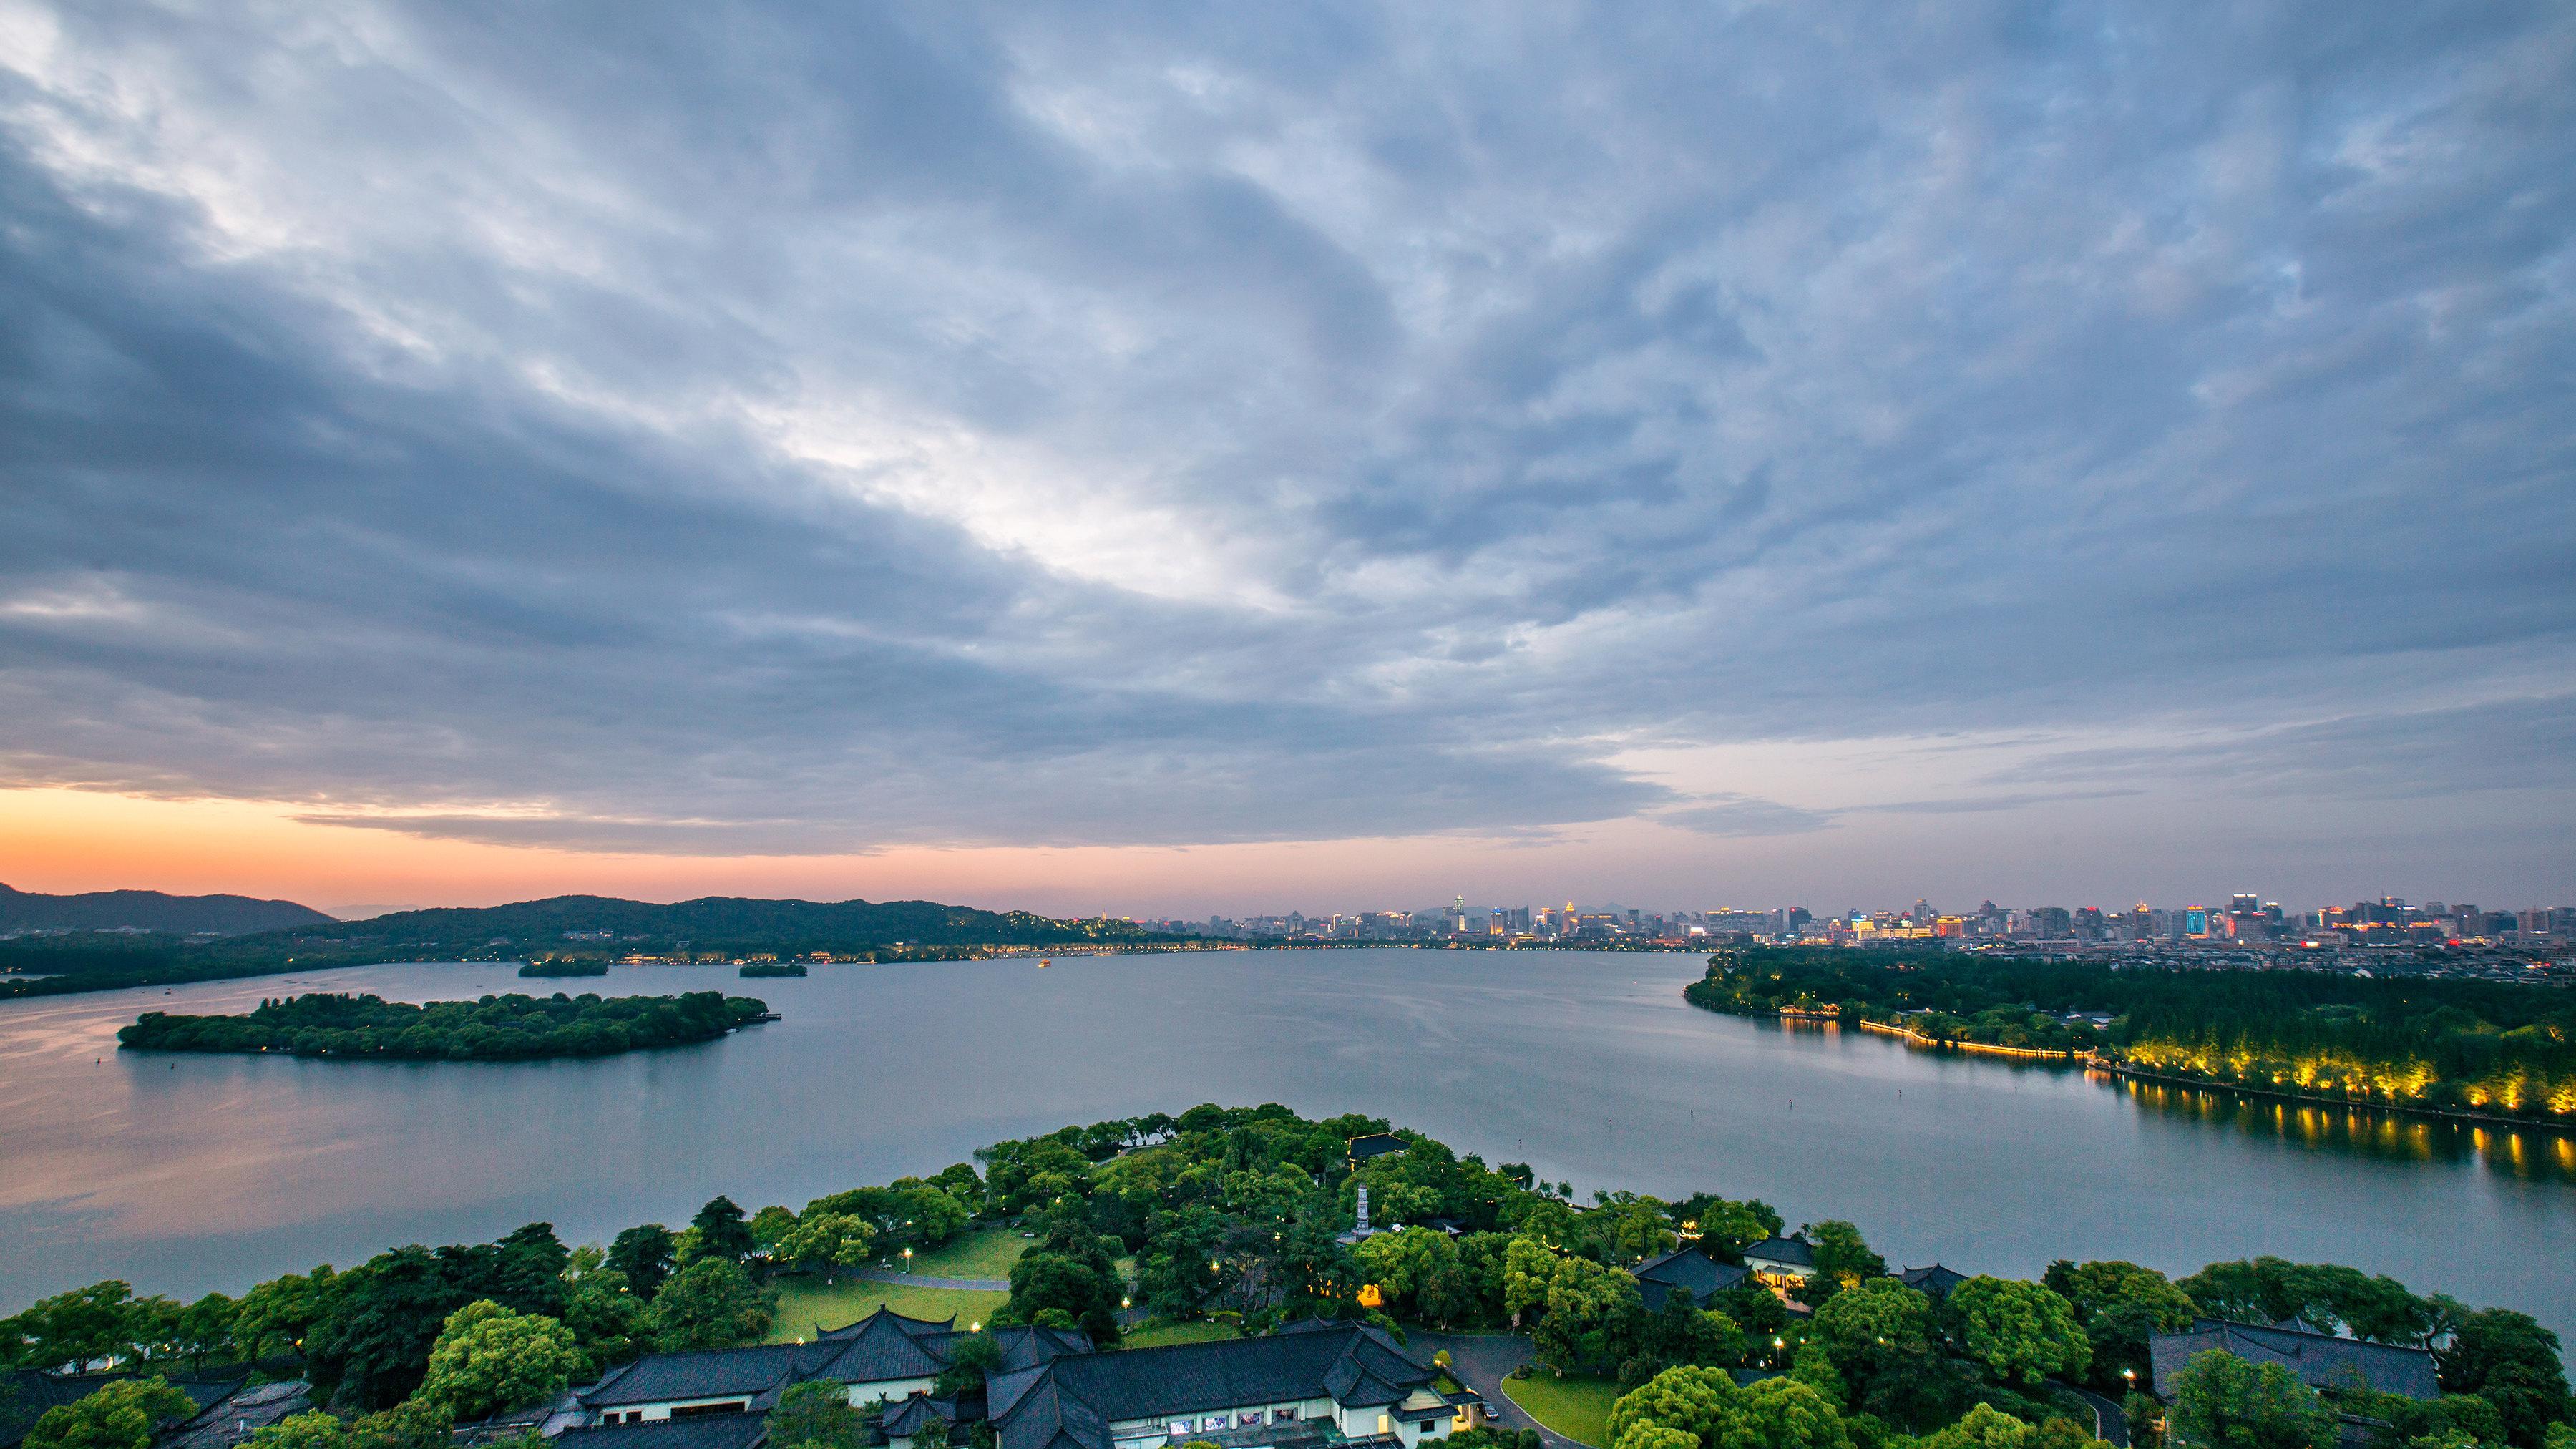 杭州西湖+雷峰塔+西溪国家湿地公园一日游【双5a景点